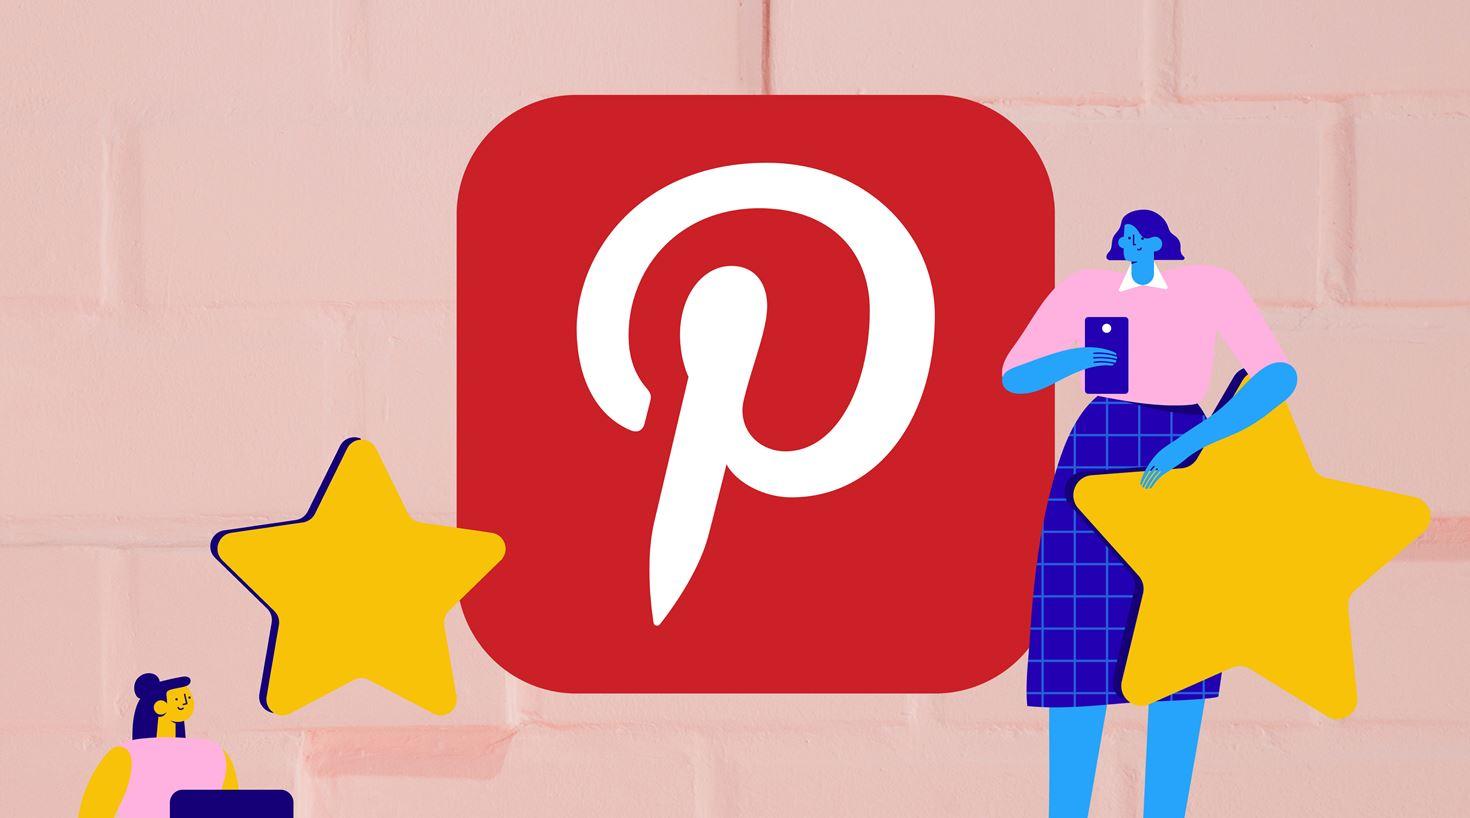 Er du interessert i merkevarebygging og økt trafikk? Da kan Pinterest være en kanal du bør teste ut! Lurer du på hvordan du kommer i gang? La oss hjelpe deg!